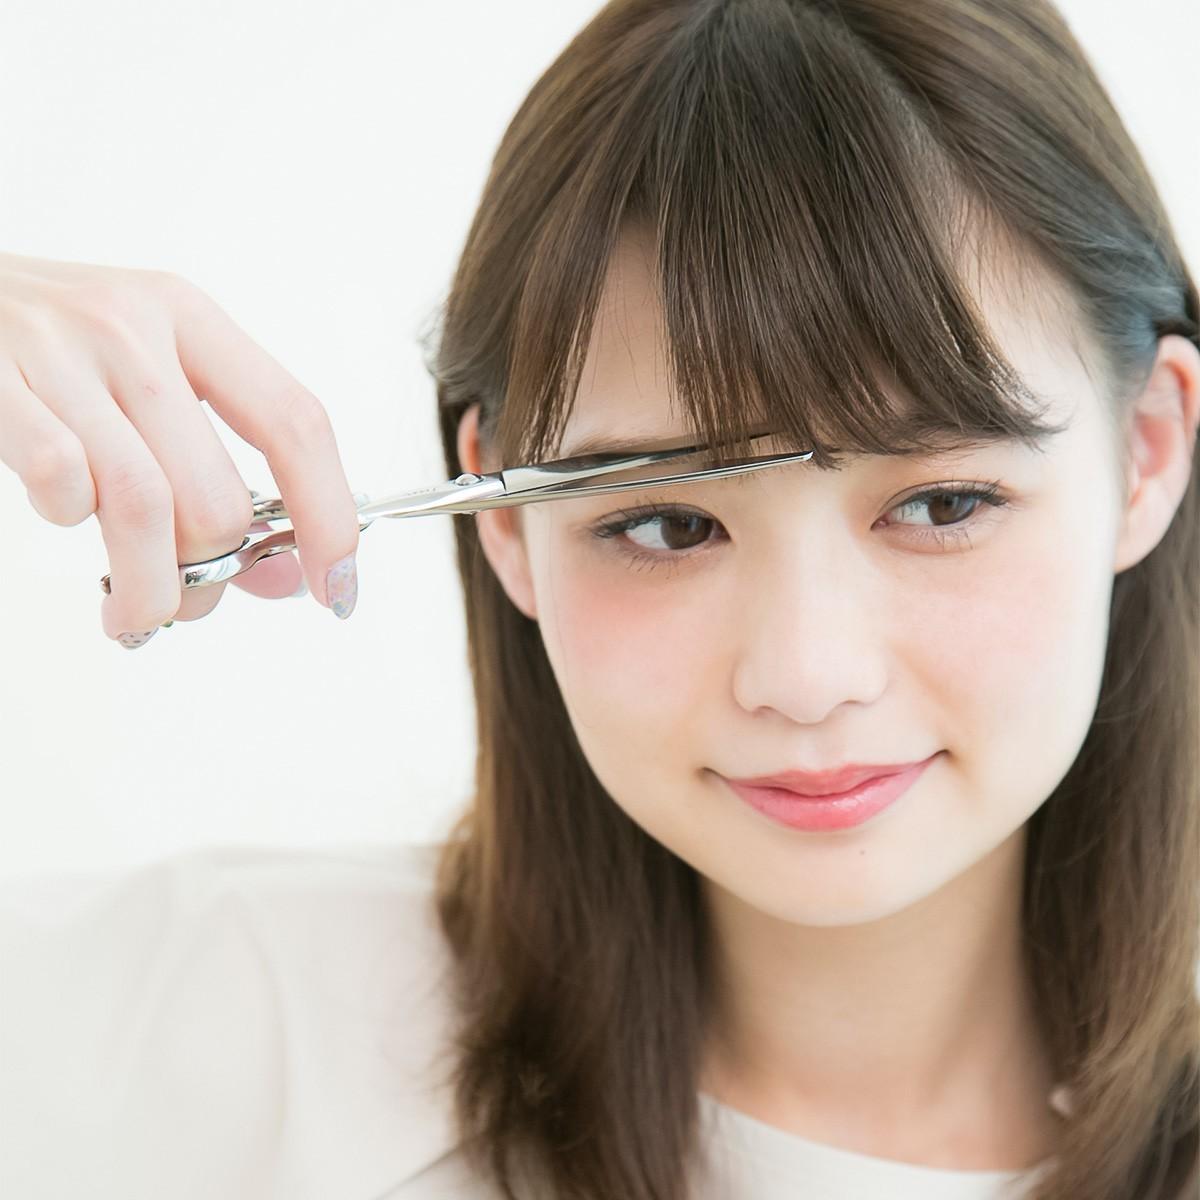 朝の身支度時間も短縮! 理想の髪型になれるテクニック